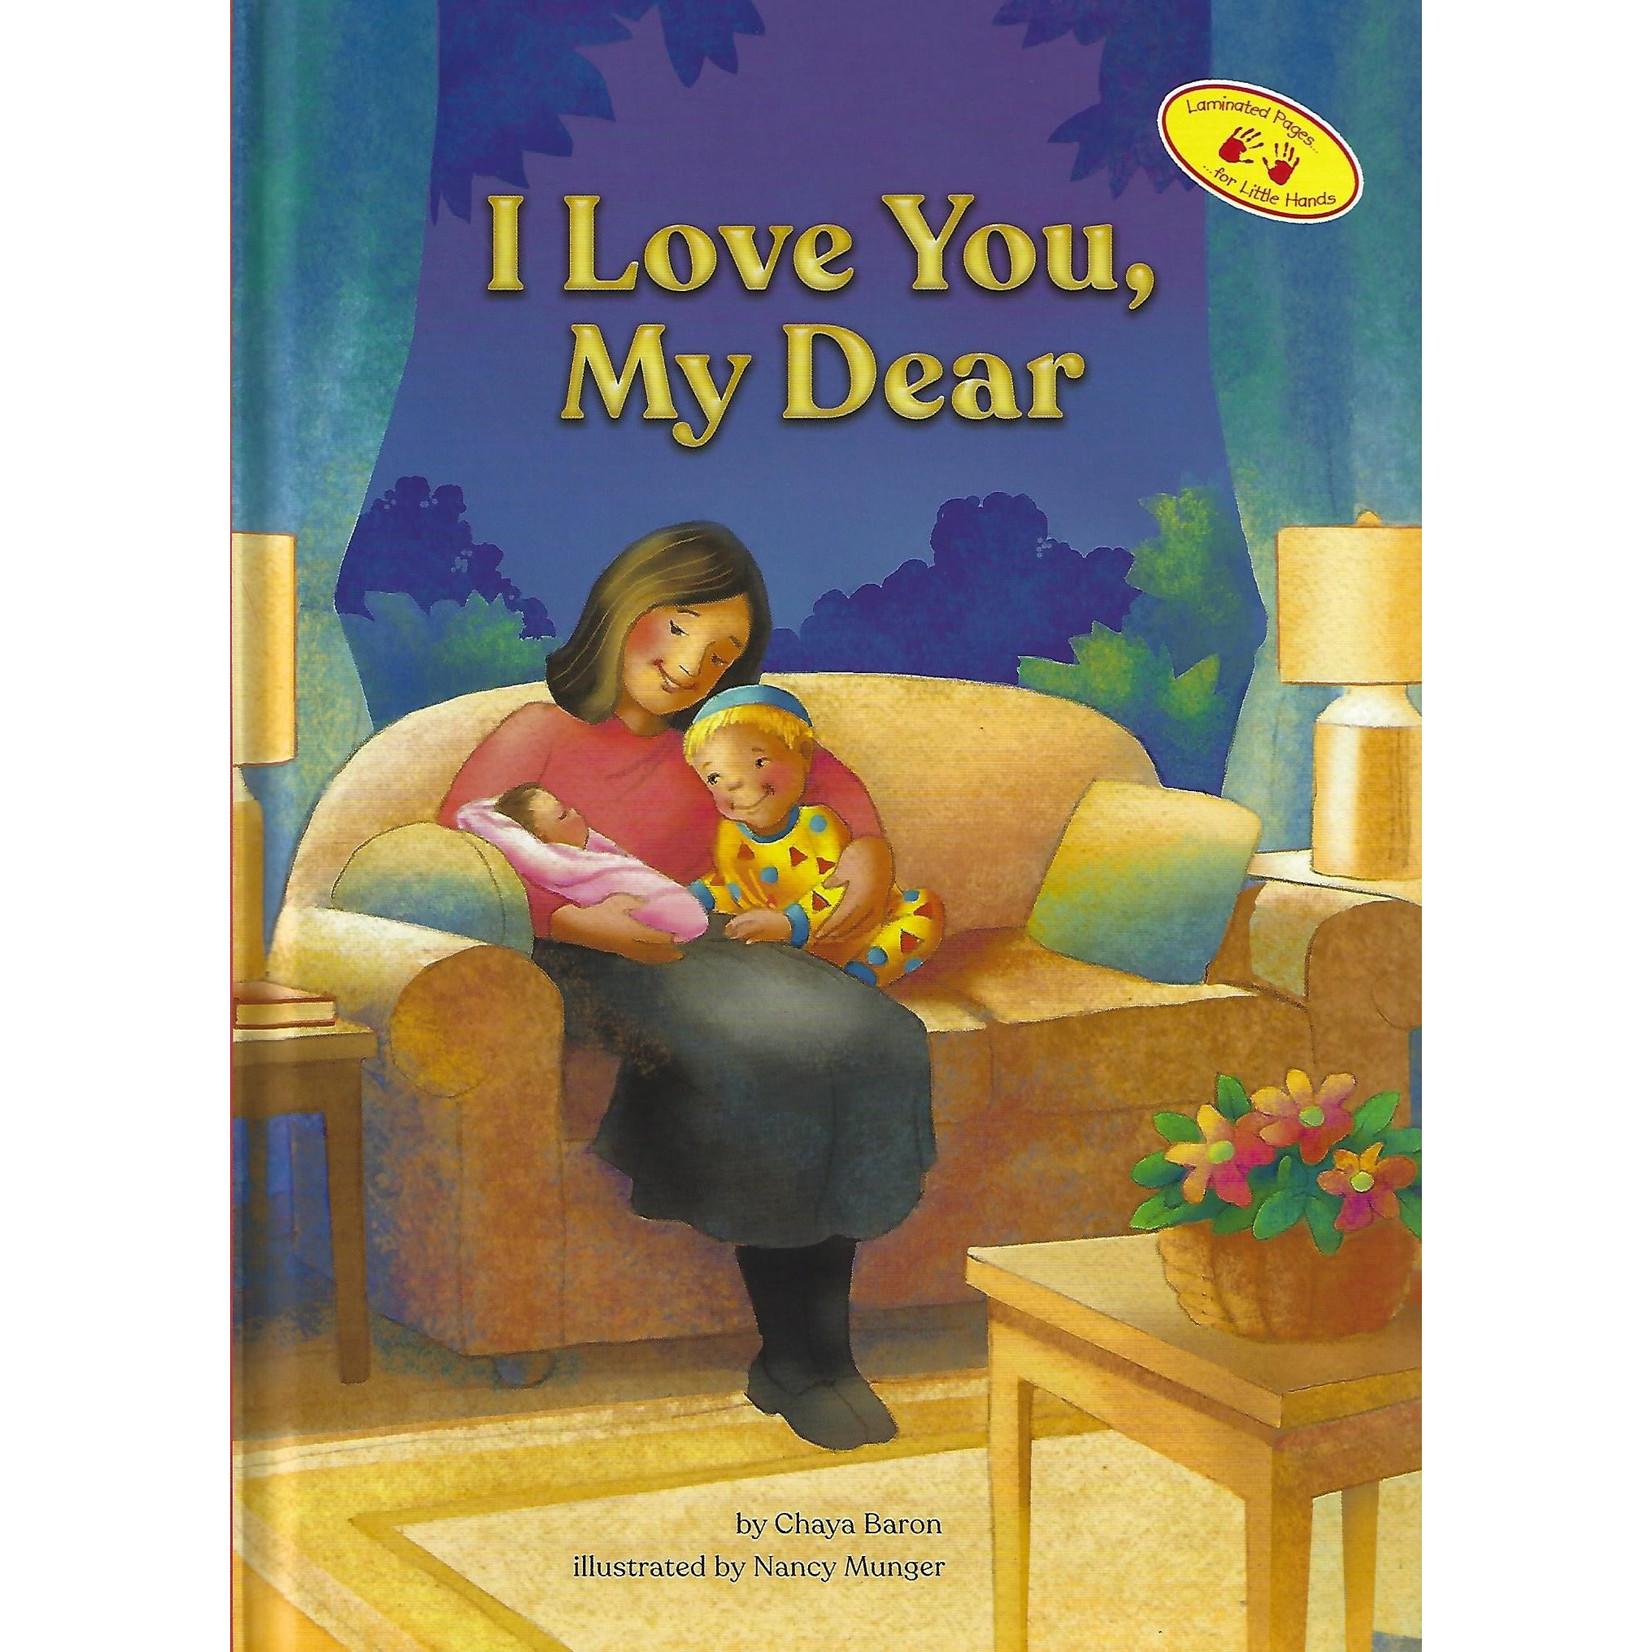 I Love You My Dear